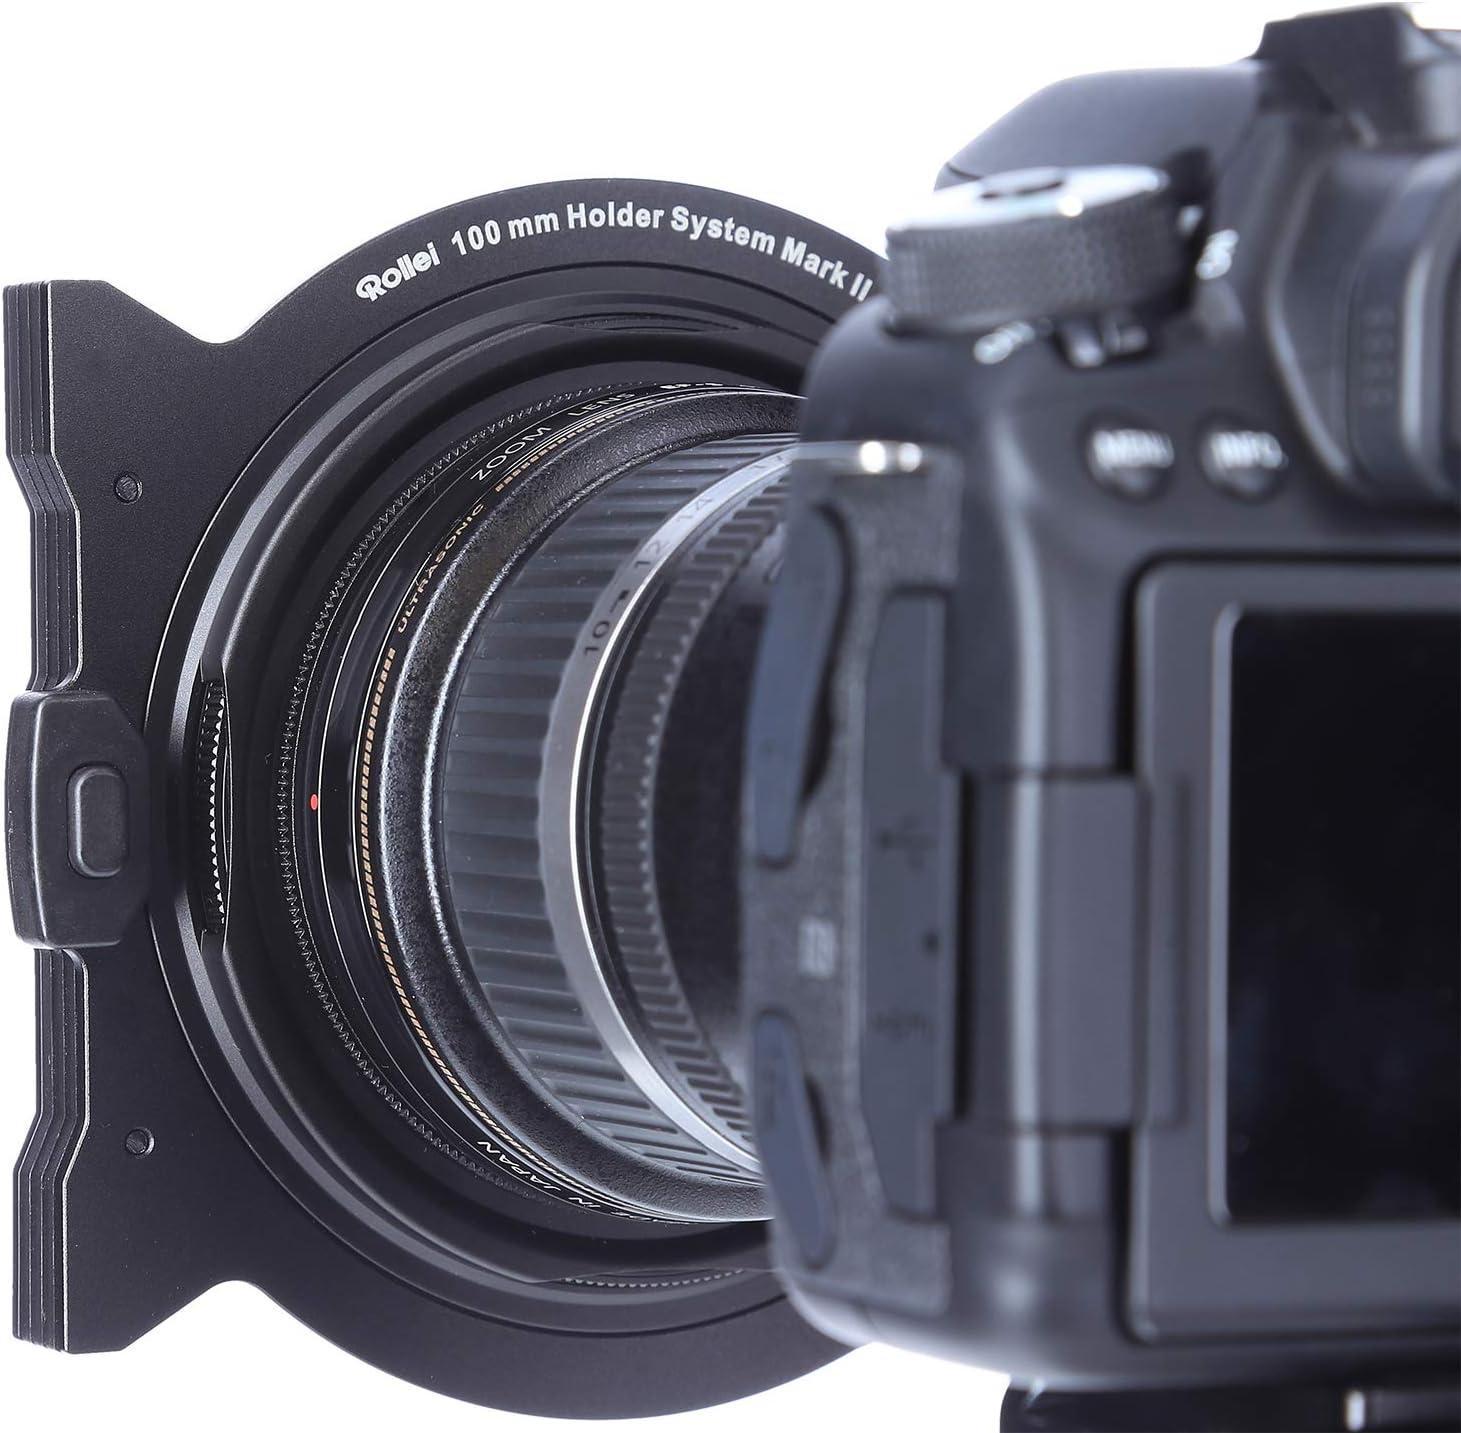 Rollei Portafiltros Mark II Sistema de filtros I Adaptador para ...